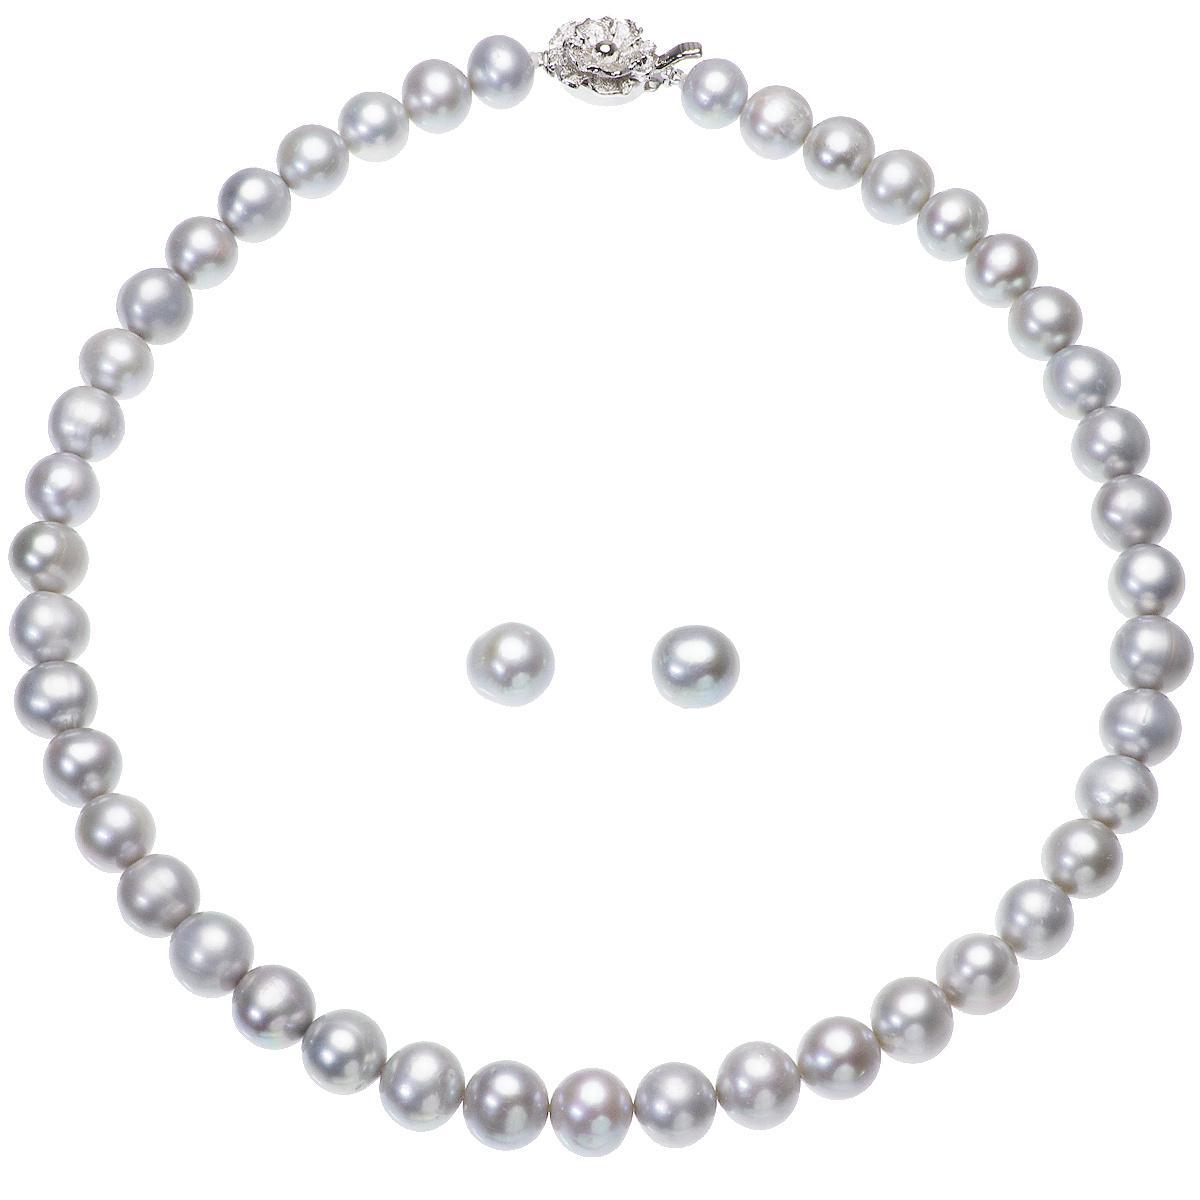 高級 淡水真珠 大粒 パールネックレス 結婚式 約9.0mm-10.5mm グレーピアスセットの写真